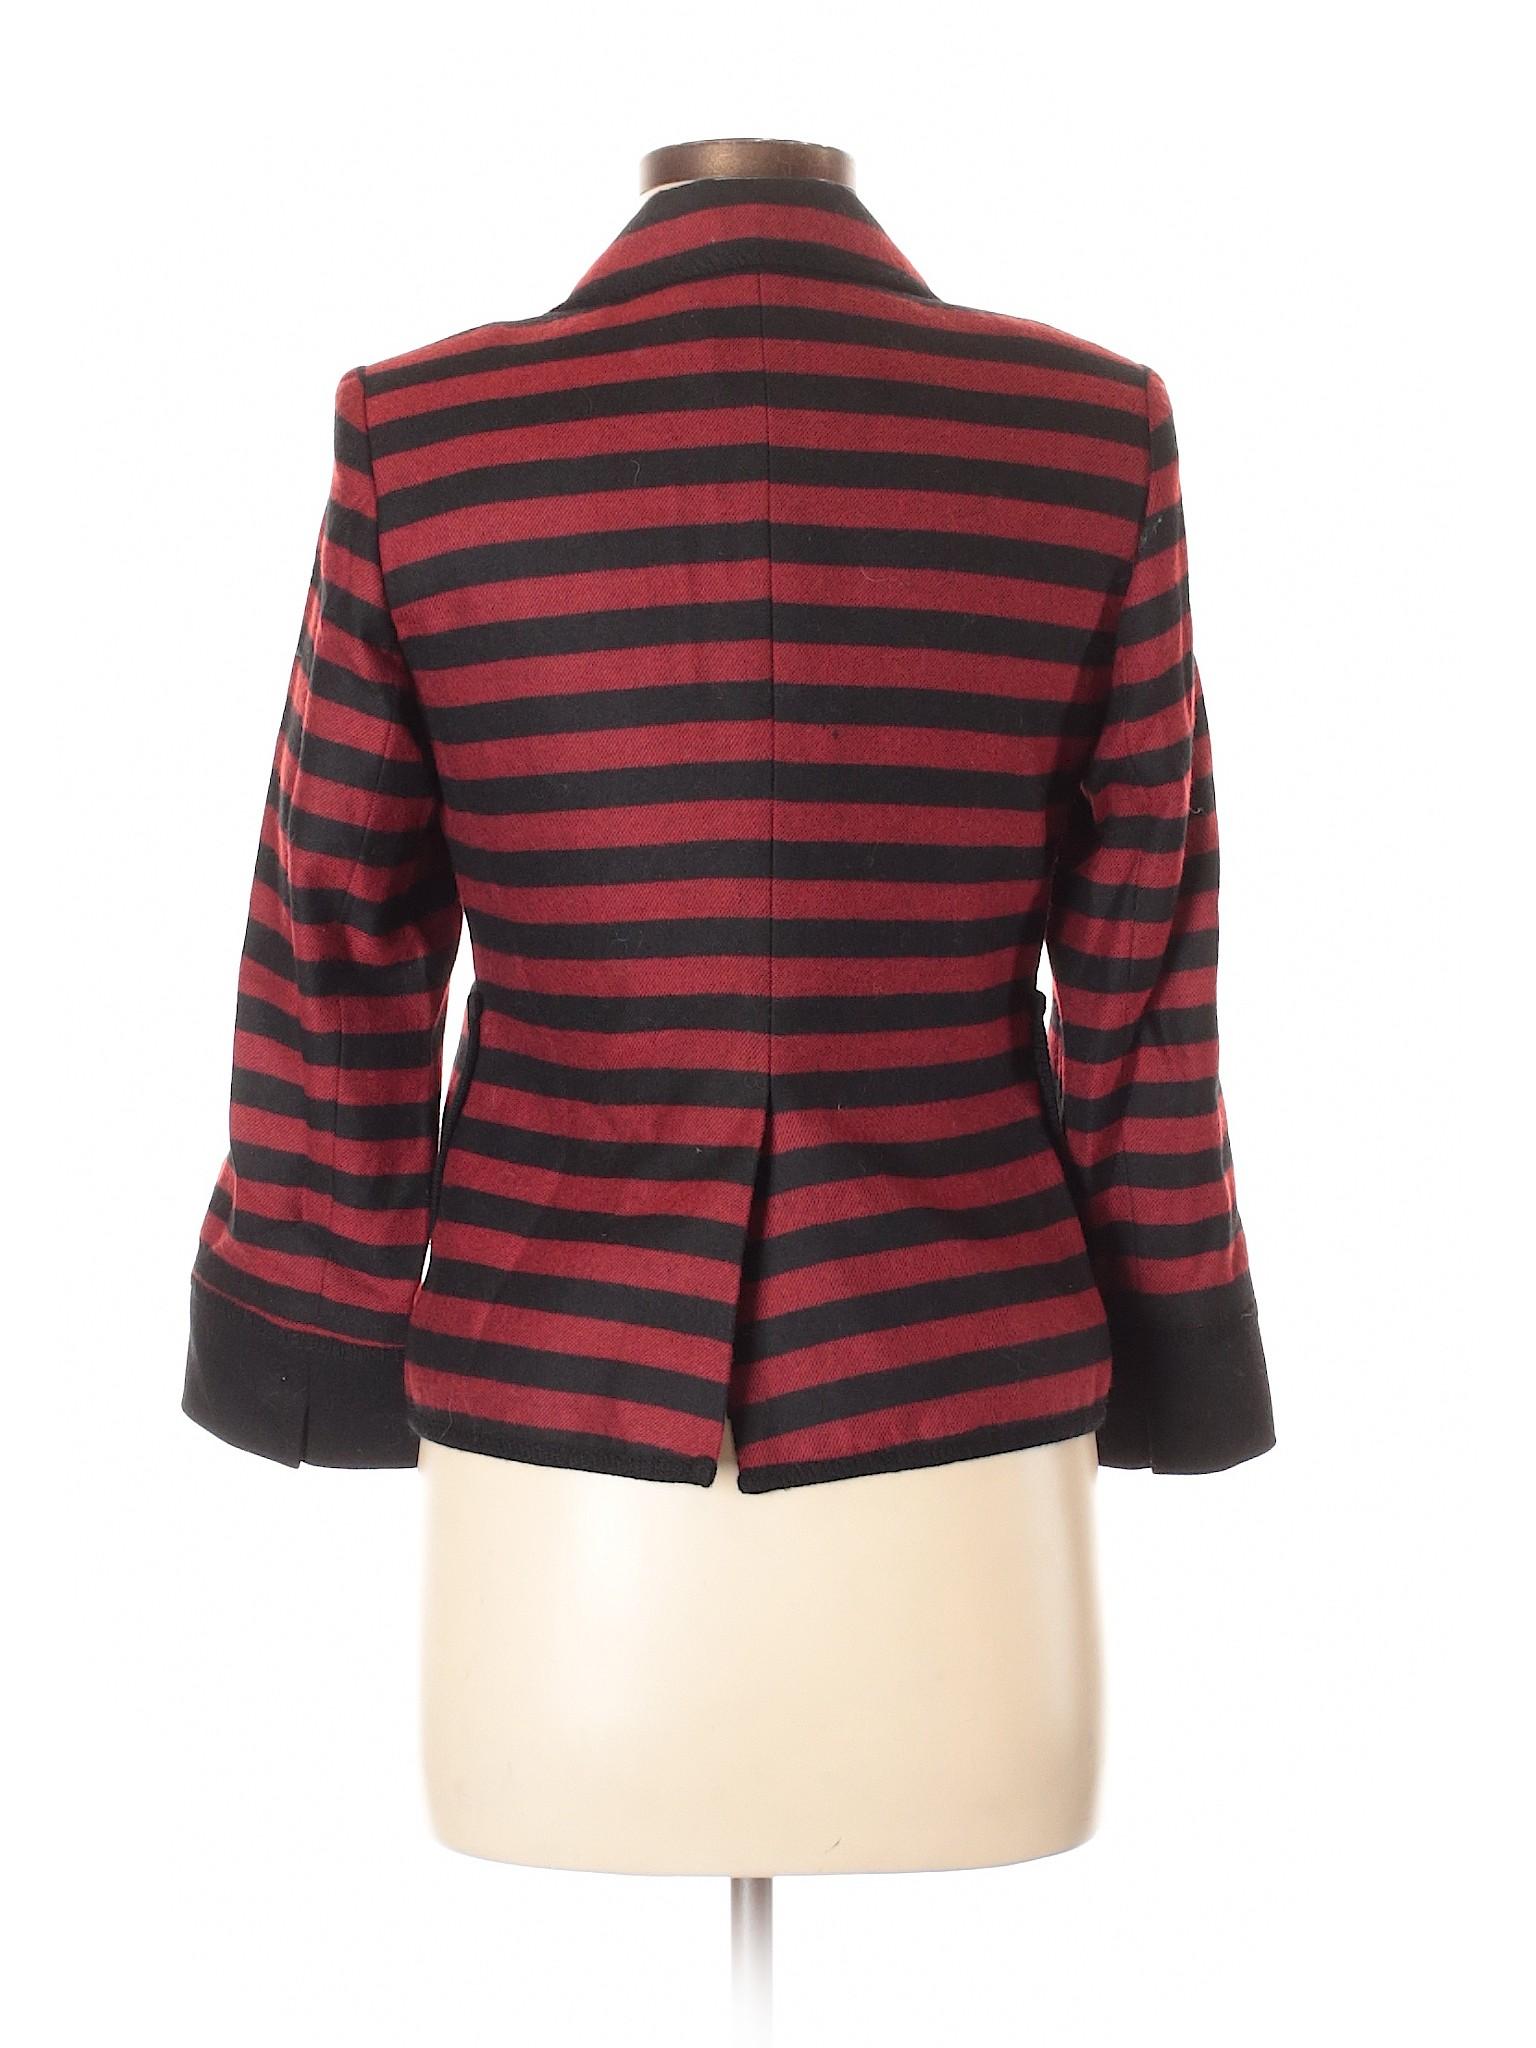 Blazer Boutique Boutique Smythe Wool Blazer Wool Boutique Smythe Smythe Wool BvZzBqcwR